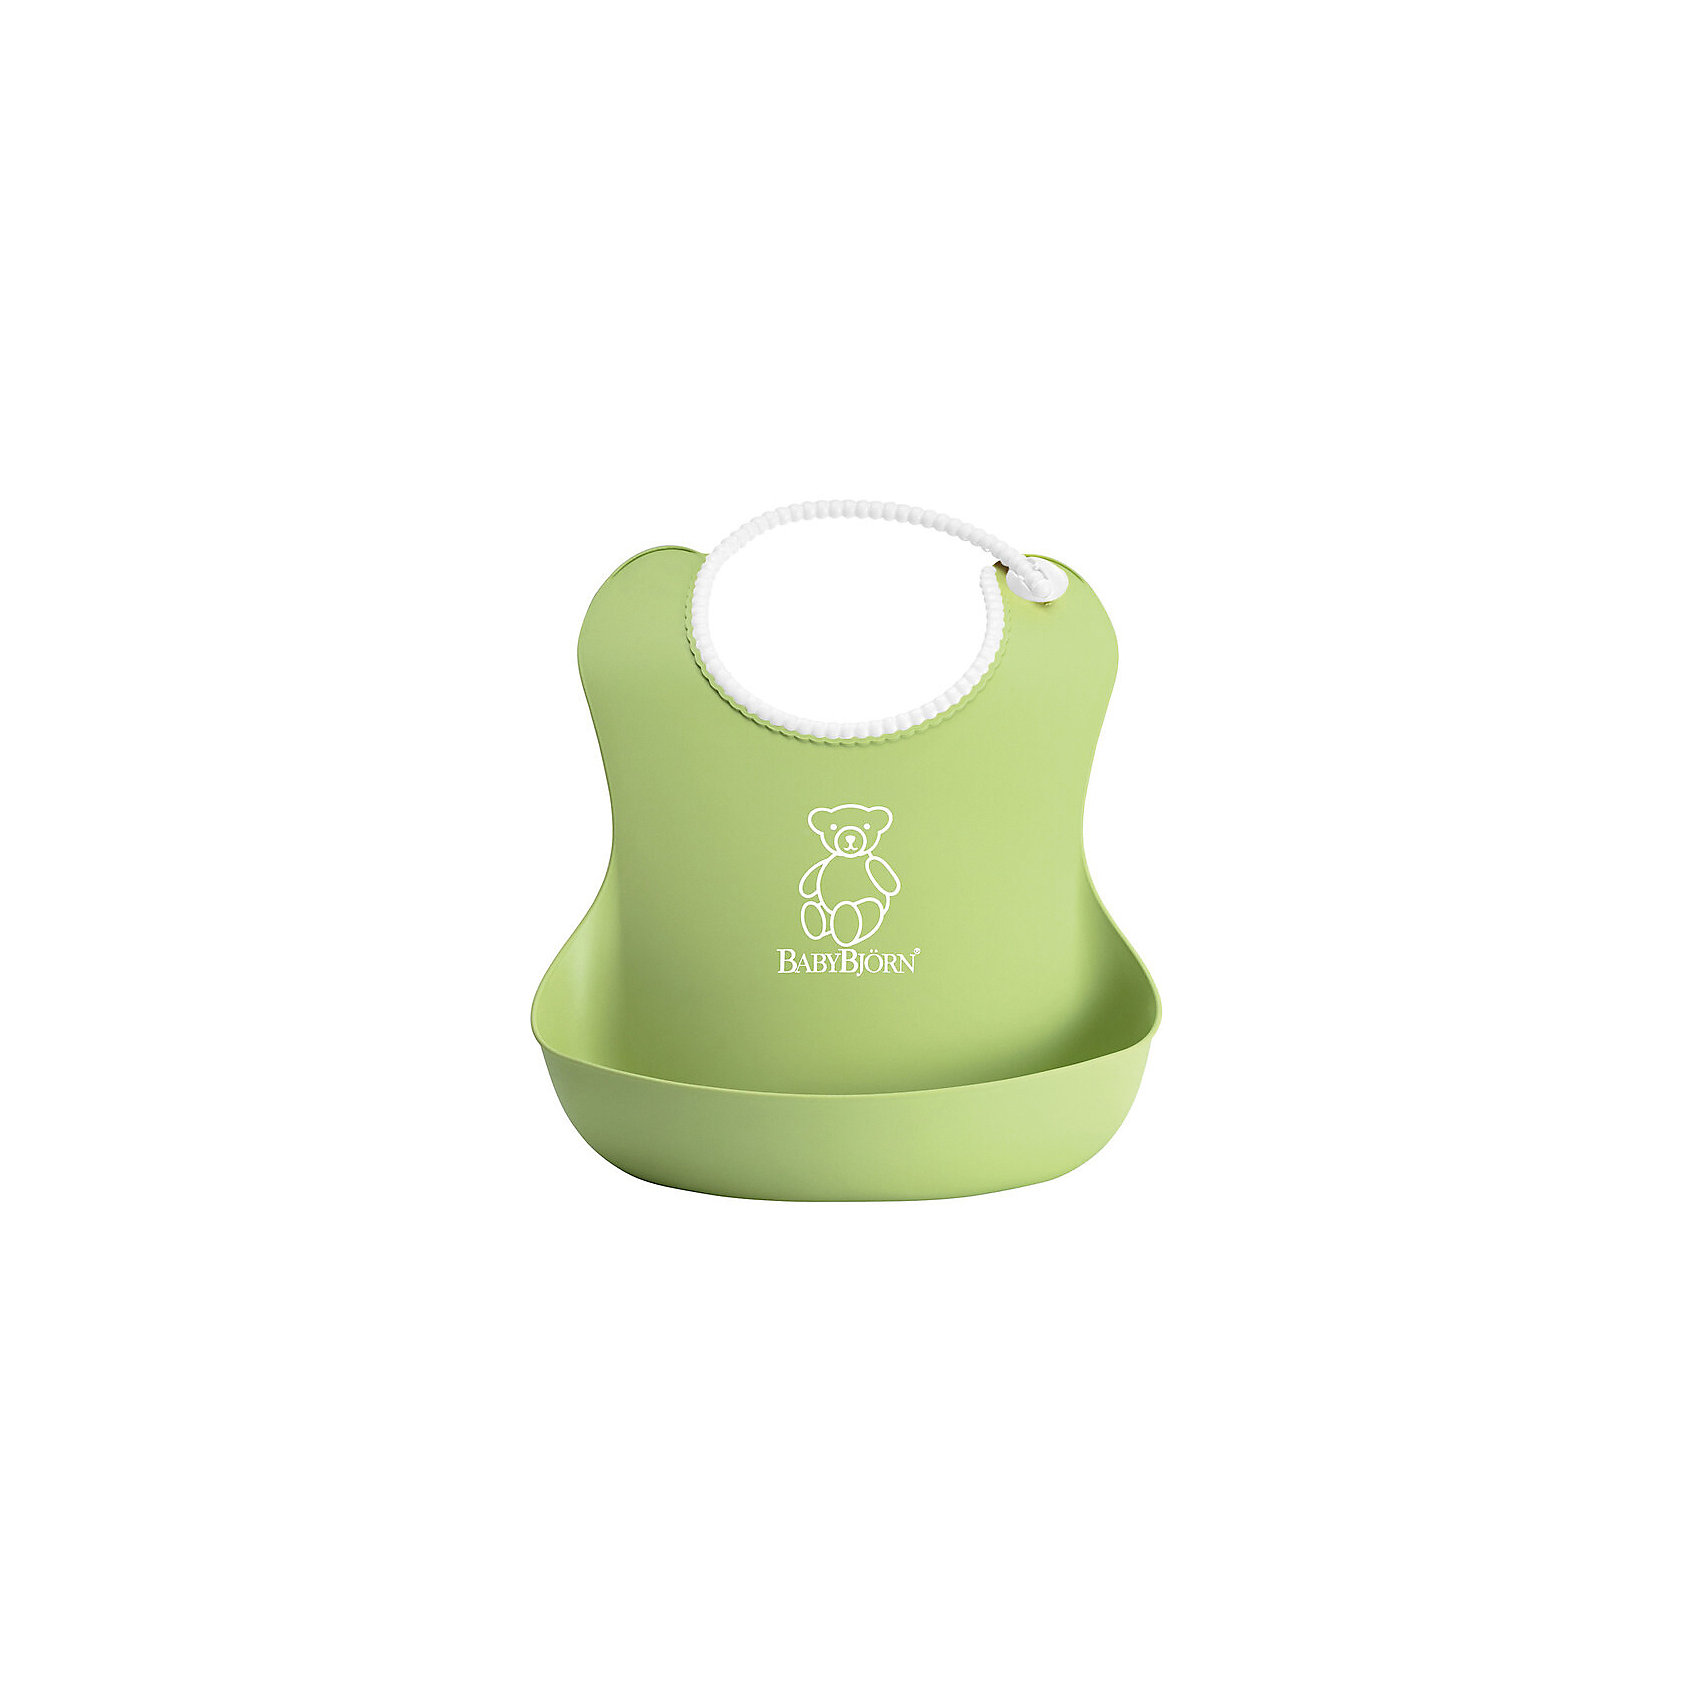 Мягкий нагрудник с карманом BabyBjorn, зеленыйНагрудники и салфетки<br>Мягкий нагрудник с карманом BabyBjorn (БэйбиБьёрн) - функциональный и удобный нагрудник для активных детишек!<br><br>Этот нагрудник является незаменимым помощником для родителей, чьи дети активны во время еды. <br><br>Эргономичный дизайн нагрудника идеально подходит к строению тела малыша. Не стоит переживать из-за того, что нагрудник изготовлен из мягкого пластика - горловина очень мягкая, поэтому не поцарапает шею малыша, а замочек легко застёгивается. Вся пища останется в специальном кармане для улавливания пищи, сам нагрудник легко мыть даже в посудомоечной машине. <br><br>Яркий дизайн улучшит аппетит малыша во время самостоятельного приёма пищи! <br><br>Мягкий нагрудник с карманом BabyBjorn можно купить в нашем интернет-магазине.<br><br>Дополнительная информация:<br><br>- Размер горловины: 19-30 см.<br>- Цвет: зеленый.<br>- Материал: полиэстат. Не содержит фталатов или ПВХ.<br><br>Мягкий нагрудник с карманом BabyBjorn, зеленый можно купить в нашем магазине.<br><br>Ширина мм: 254<br>Глубина мм: 324<br>Высота мм: 71<br>Вес г: 102<br>Возраст от месяцев: 4<br>Возраст до месяцев: 36<br>Пол: Унисекс<br>Возраст: Детский<br>SKU: 2157583